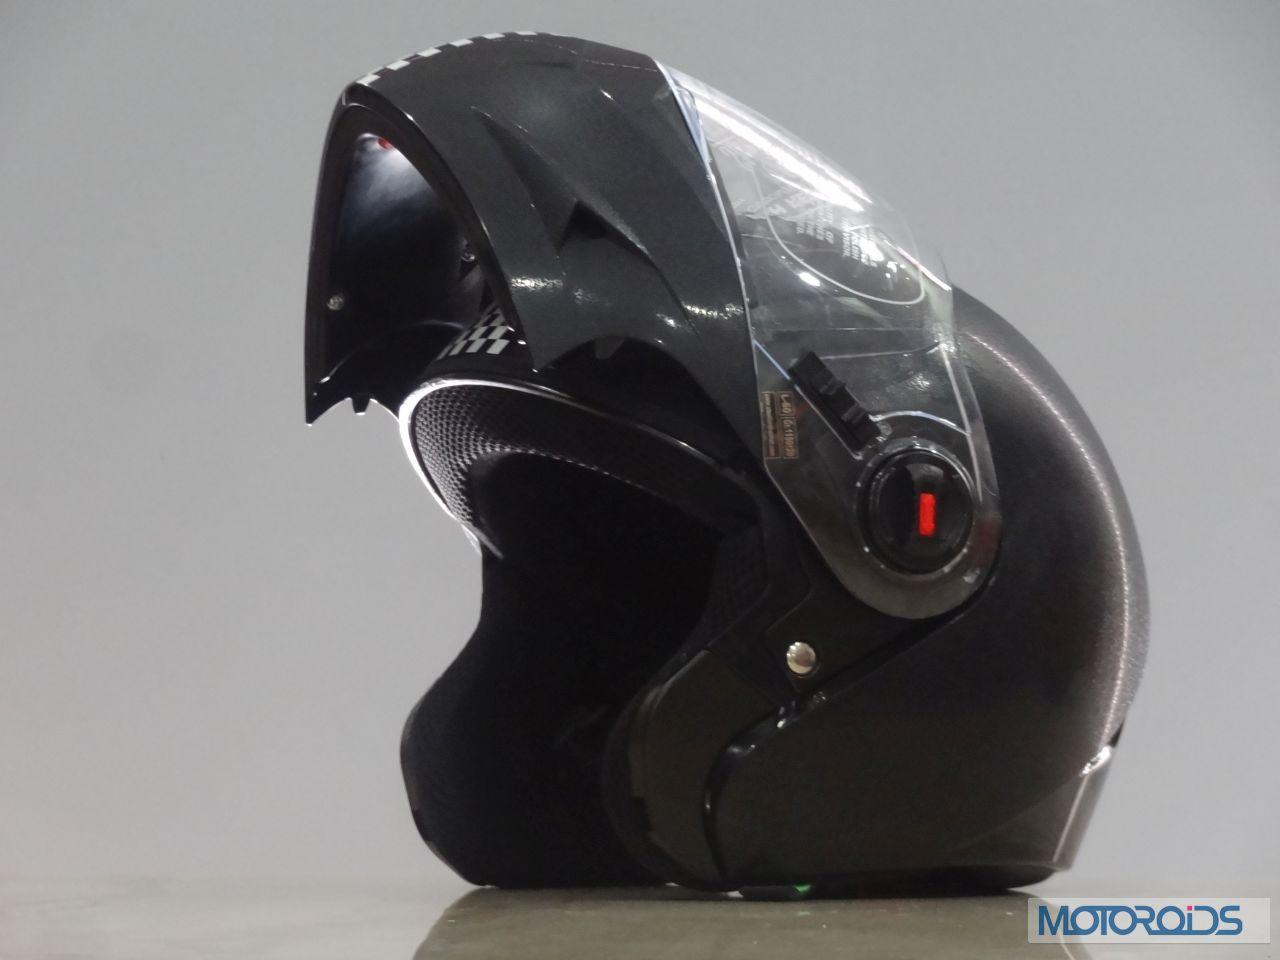 abd2d987 Steelbird launches Oscar flip-up helmet for Rs 1,179 | Motoroids